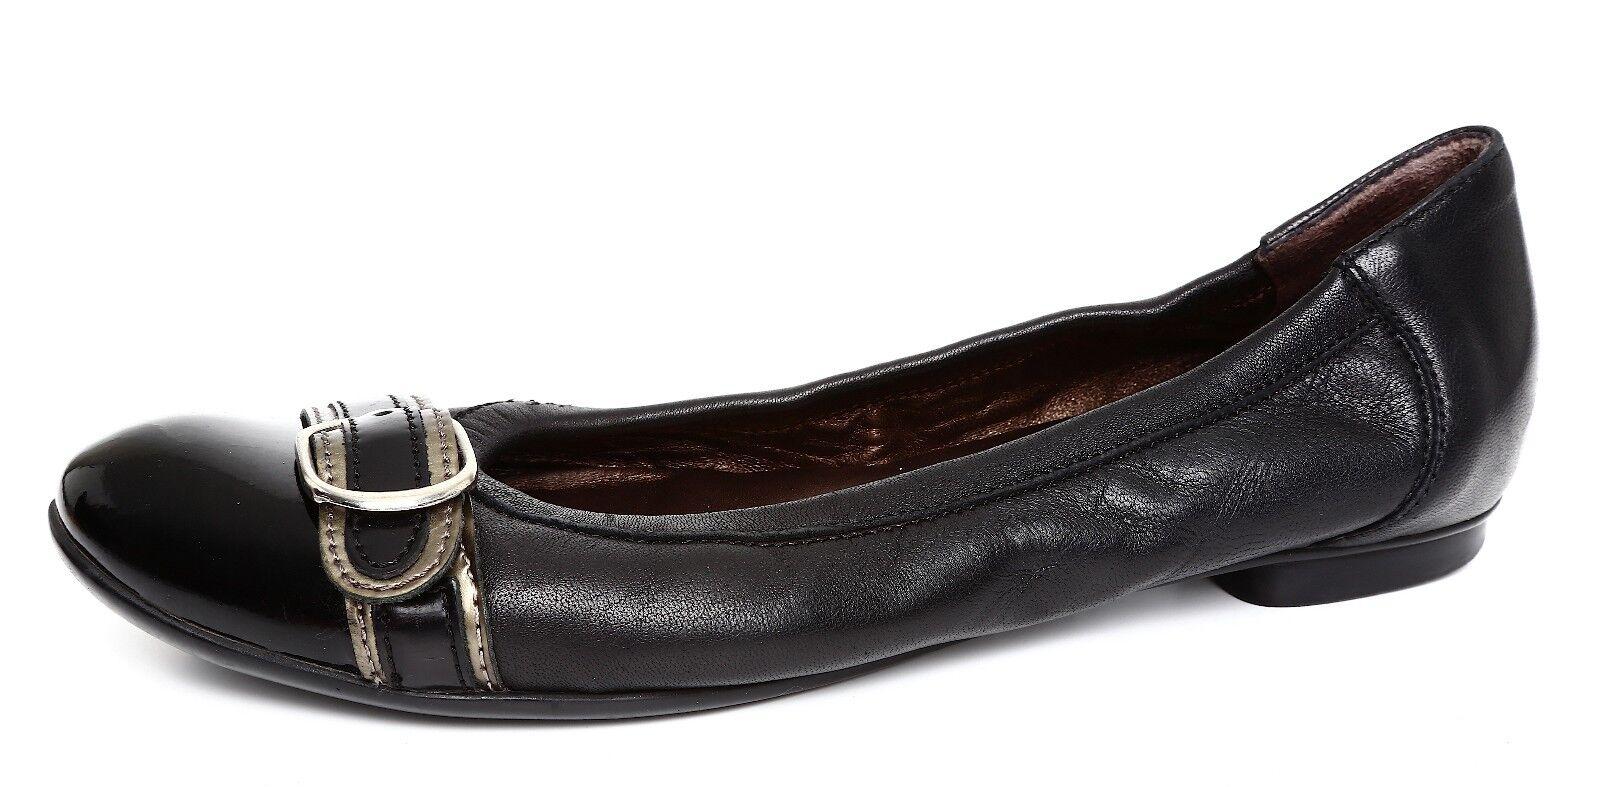 economico online Attilio Giusti Giusti Giusti Leombruni Buckle Ballet Donna  nero Leather Flat Sz 37.5 1031  fino al 60% di sconto